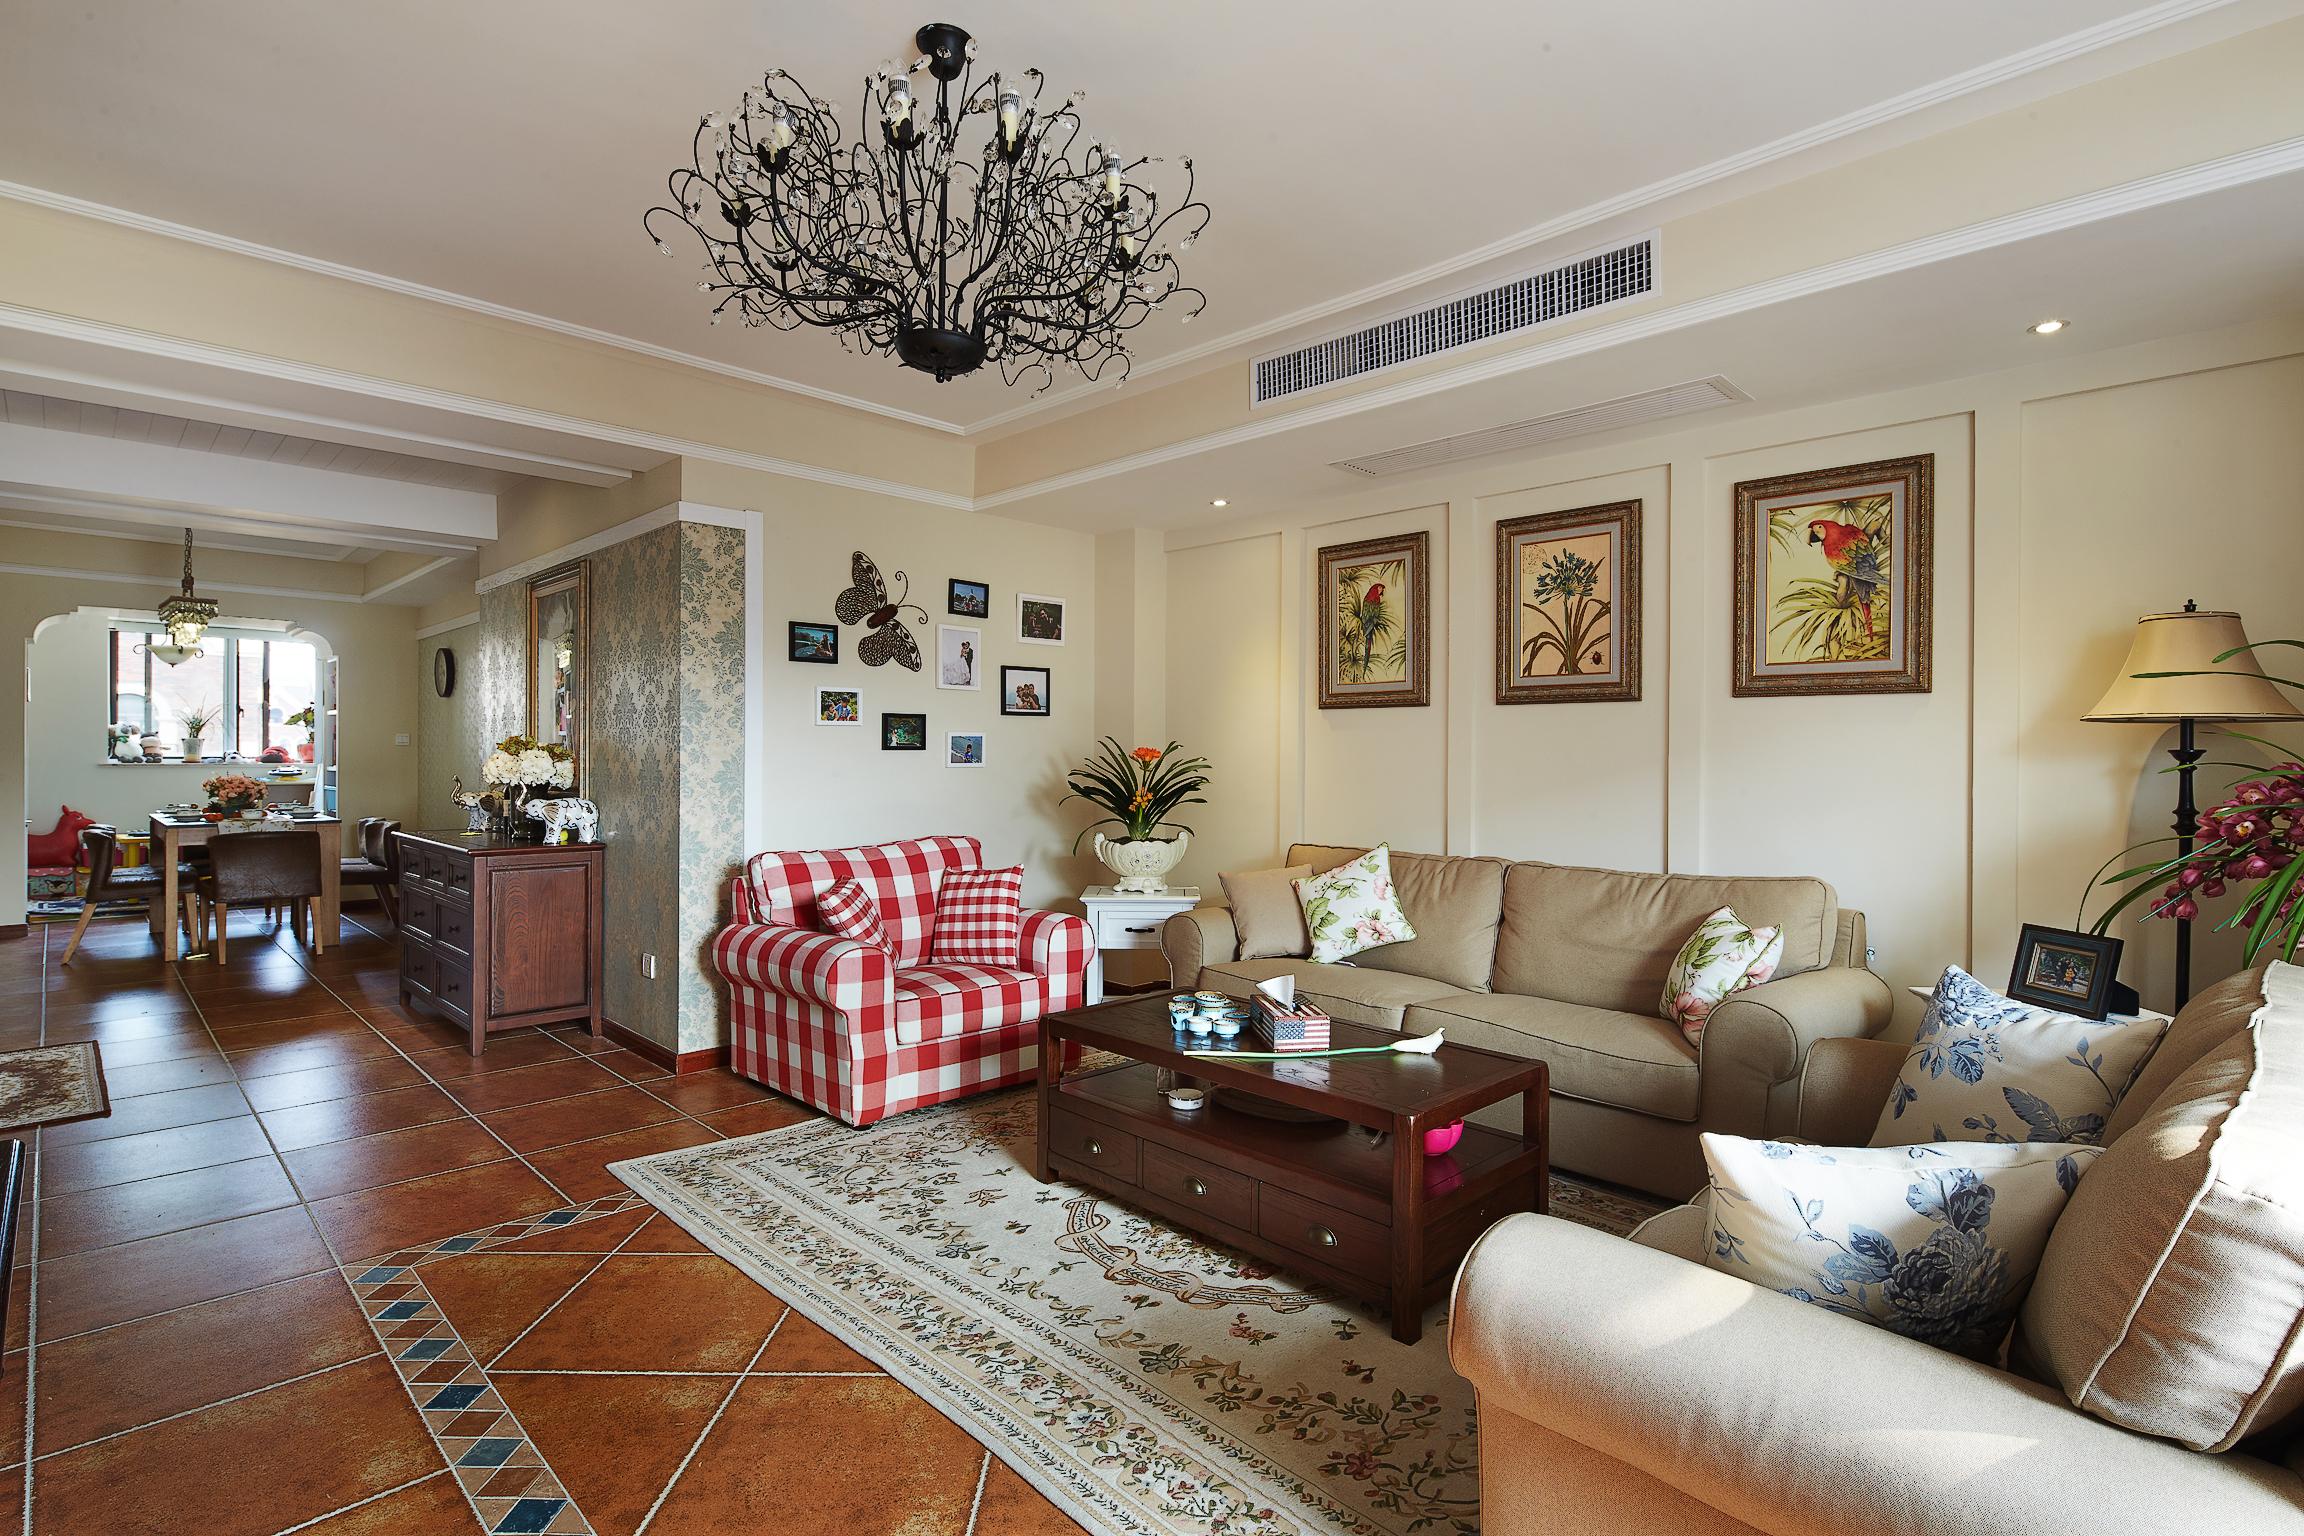 成都a空间易家装饰 美式空间板房120平 田园 室设计风格垂钓图片